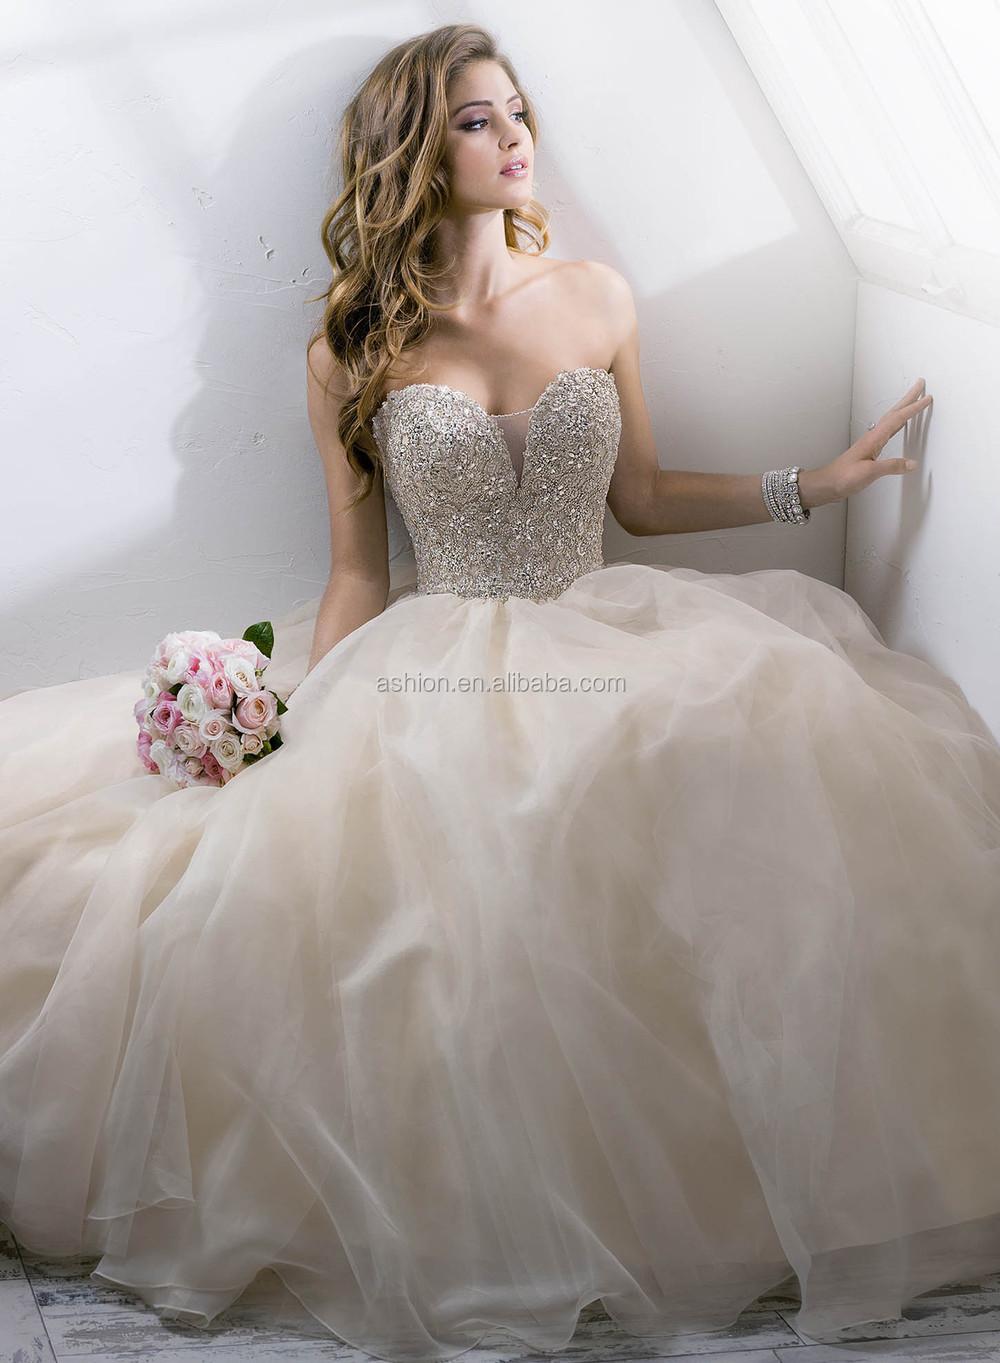 Puffy Principessa Abiti da sposa